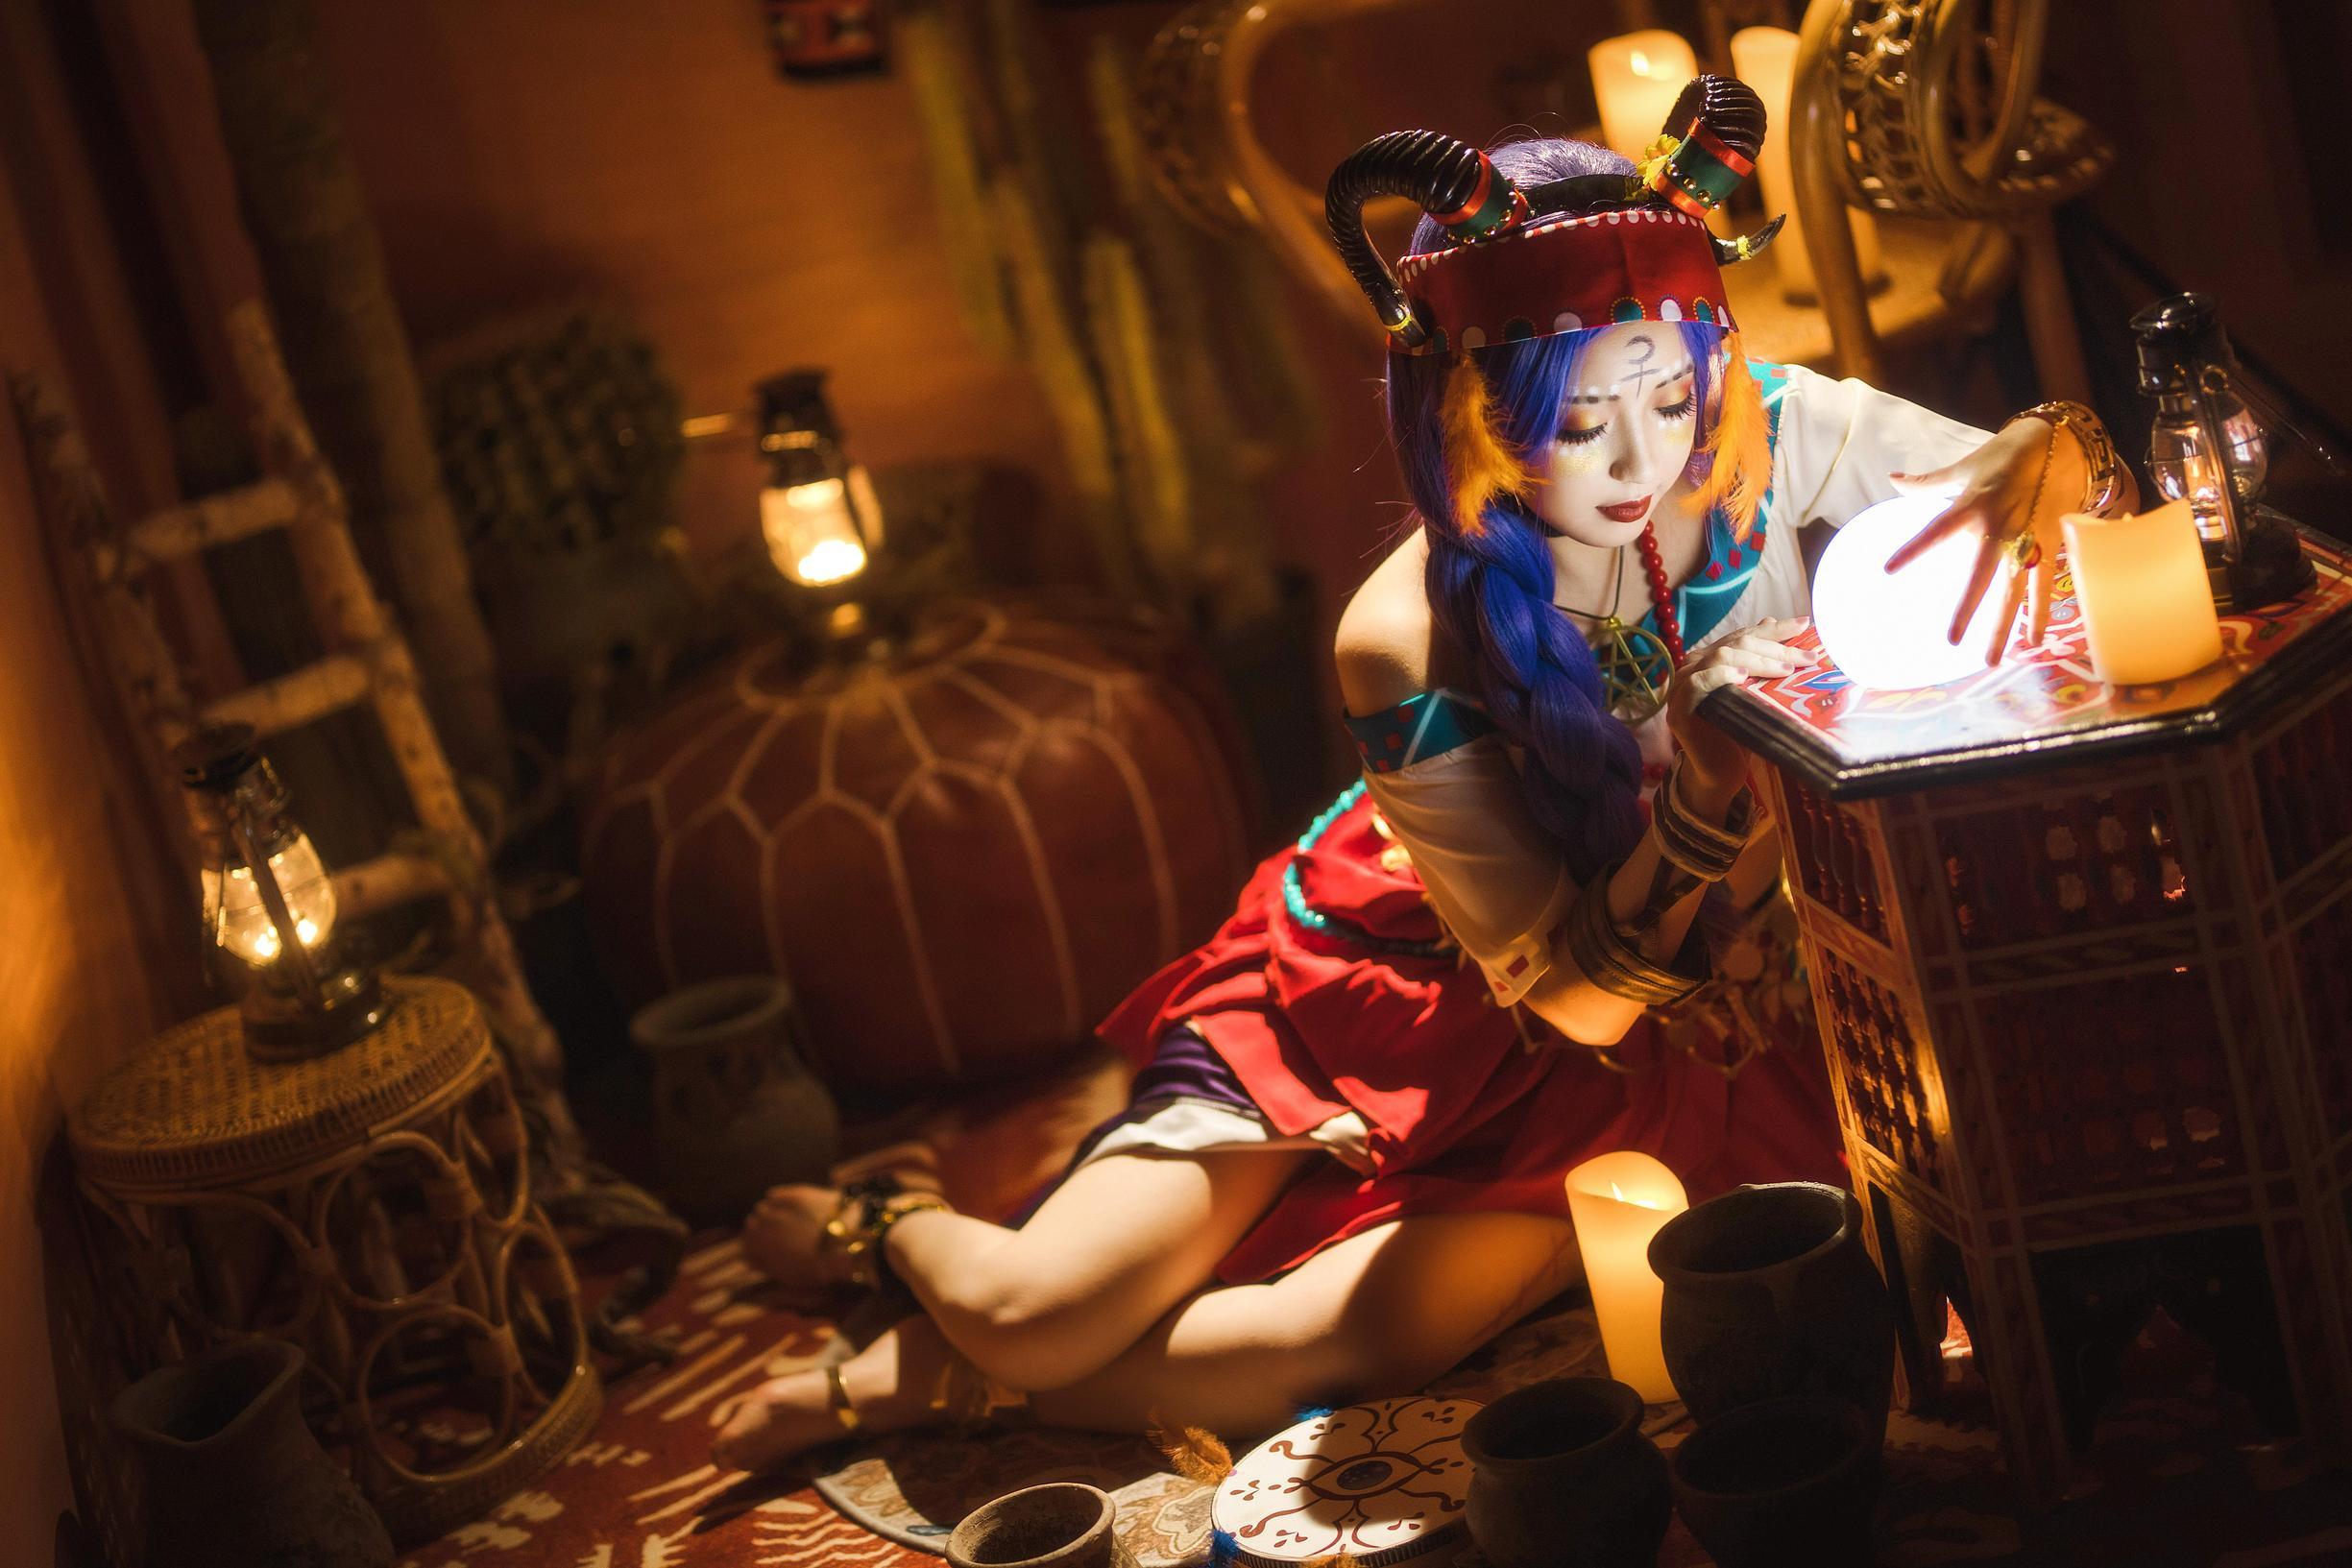 《第五人格》吉尔cosplay【CN:知更梨】-第4张